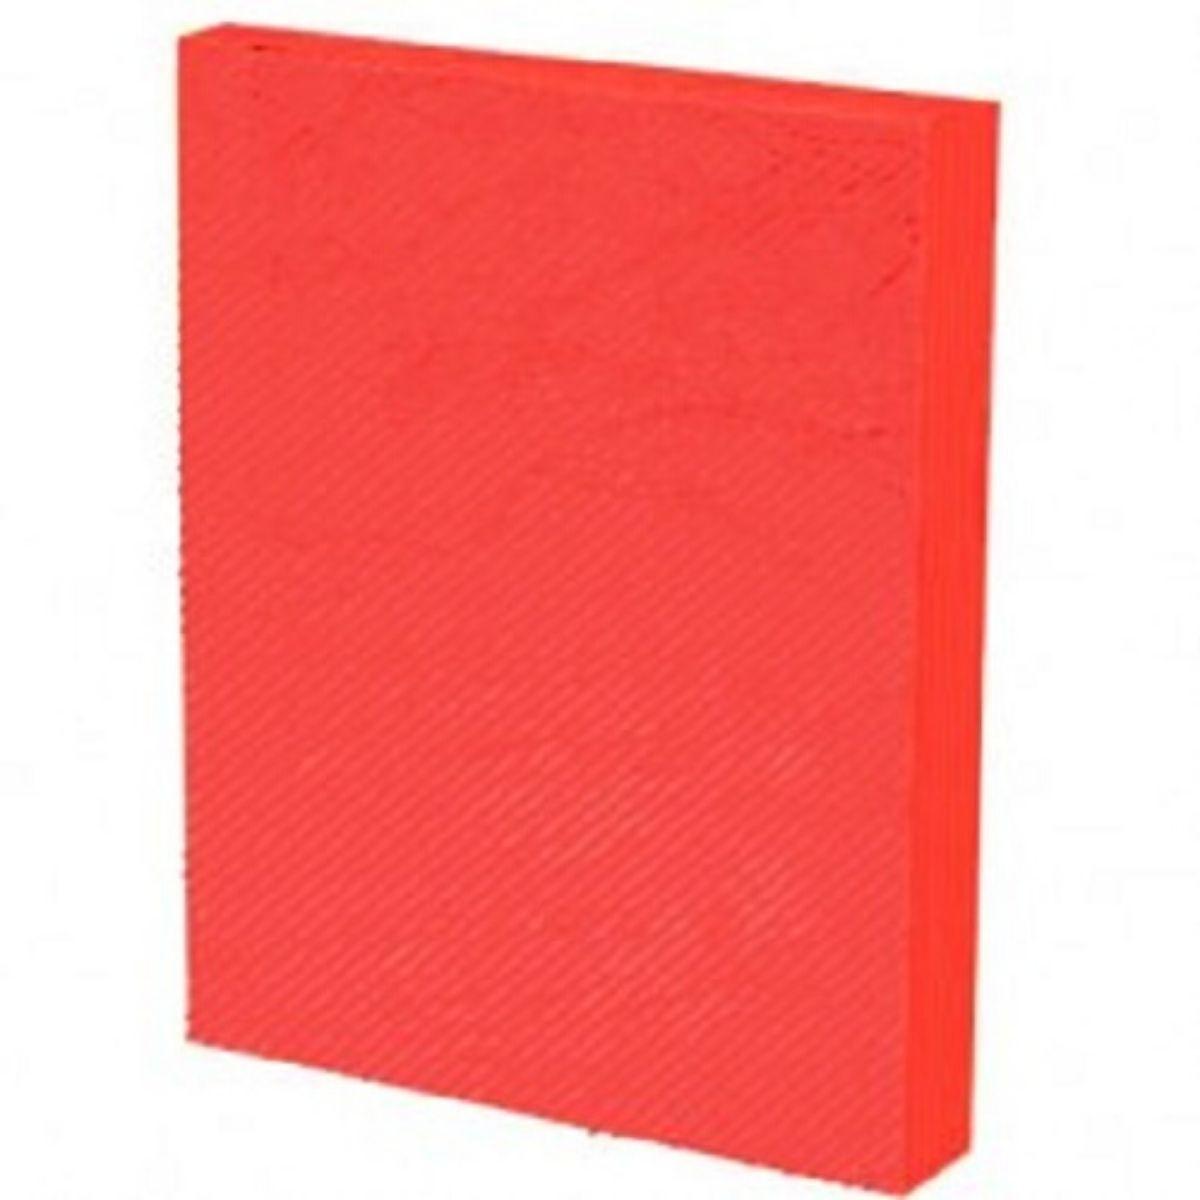 Capa para Encadernação PP 0,30mm A4 Vermelha Line (Frente) - Pacote com 100 unidades  - Click Suprimentos